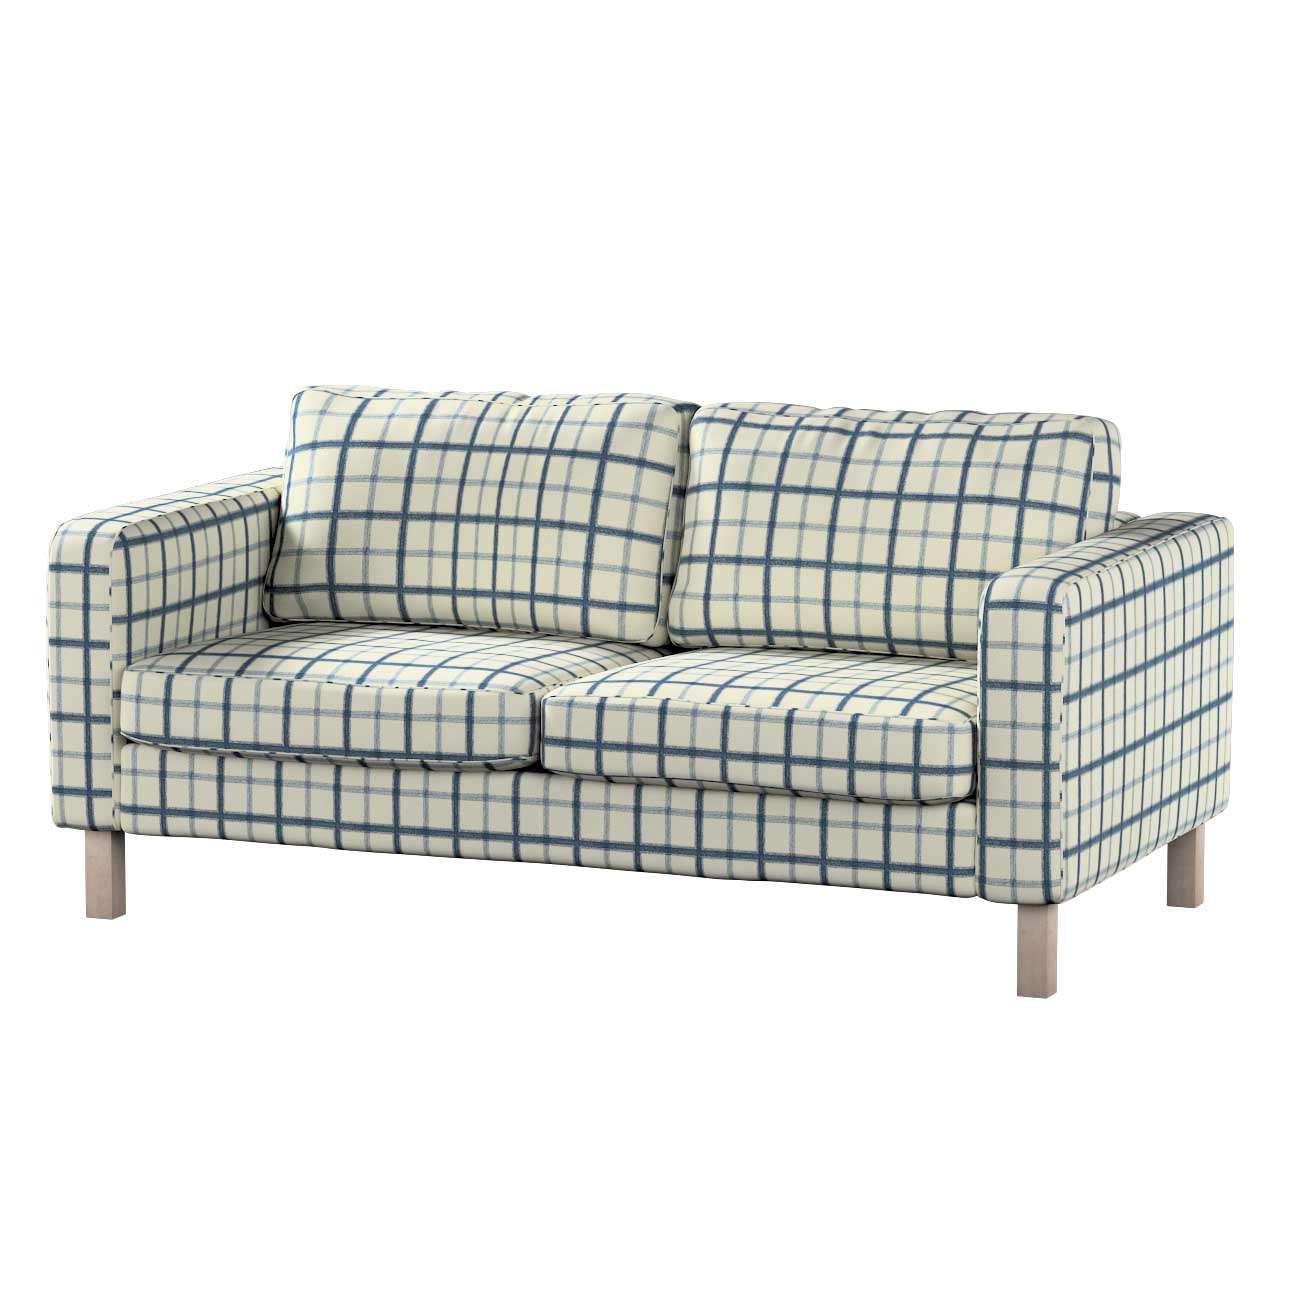 Karlstad 2-Sitzer Sofabezug nicht ausklappbar Sofahusse, Karlstad 2-Sitzer von der Kollektion Avinon, Stoff: 131-66